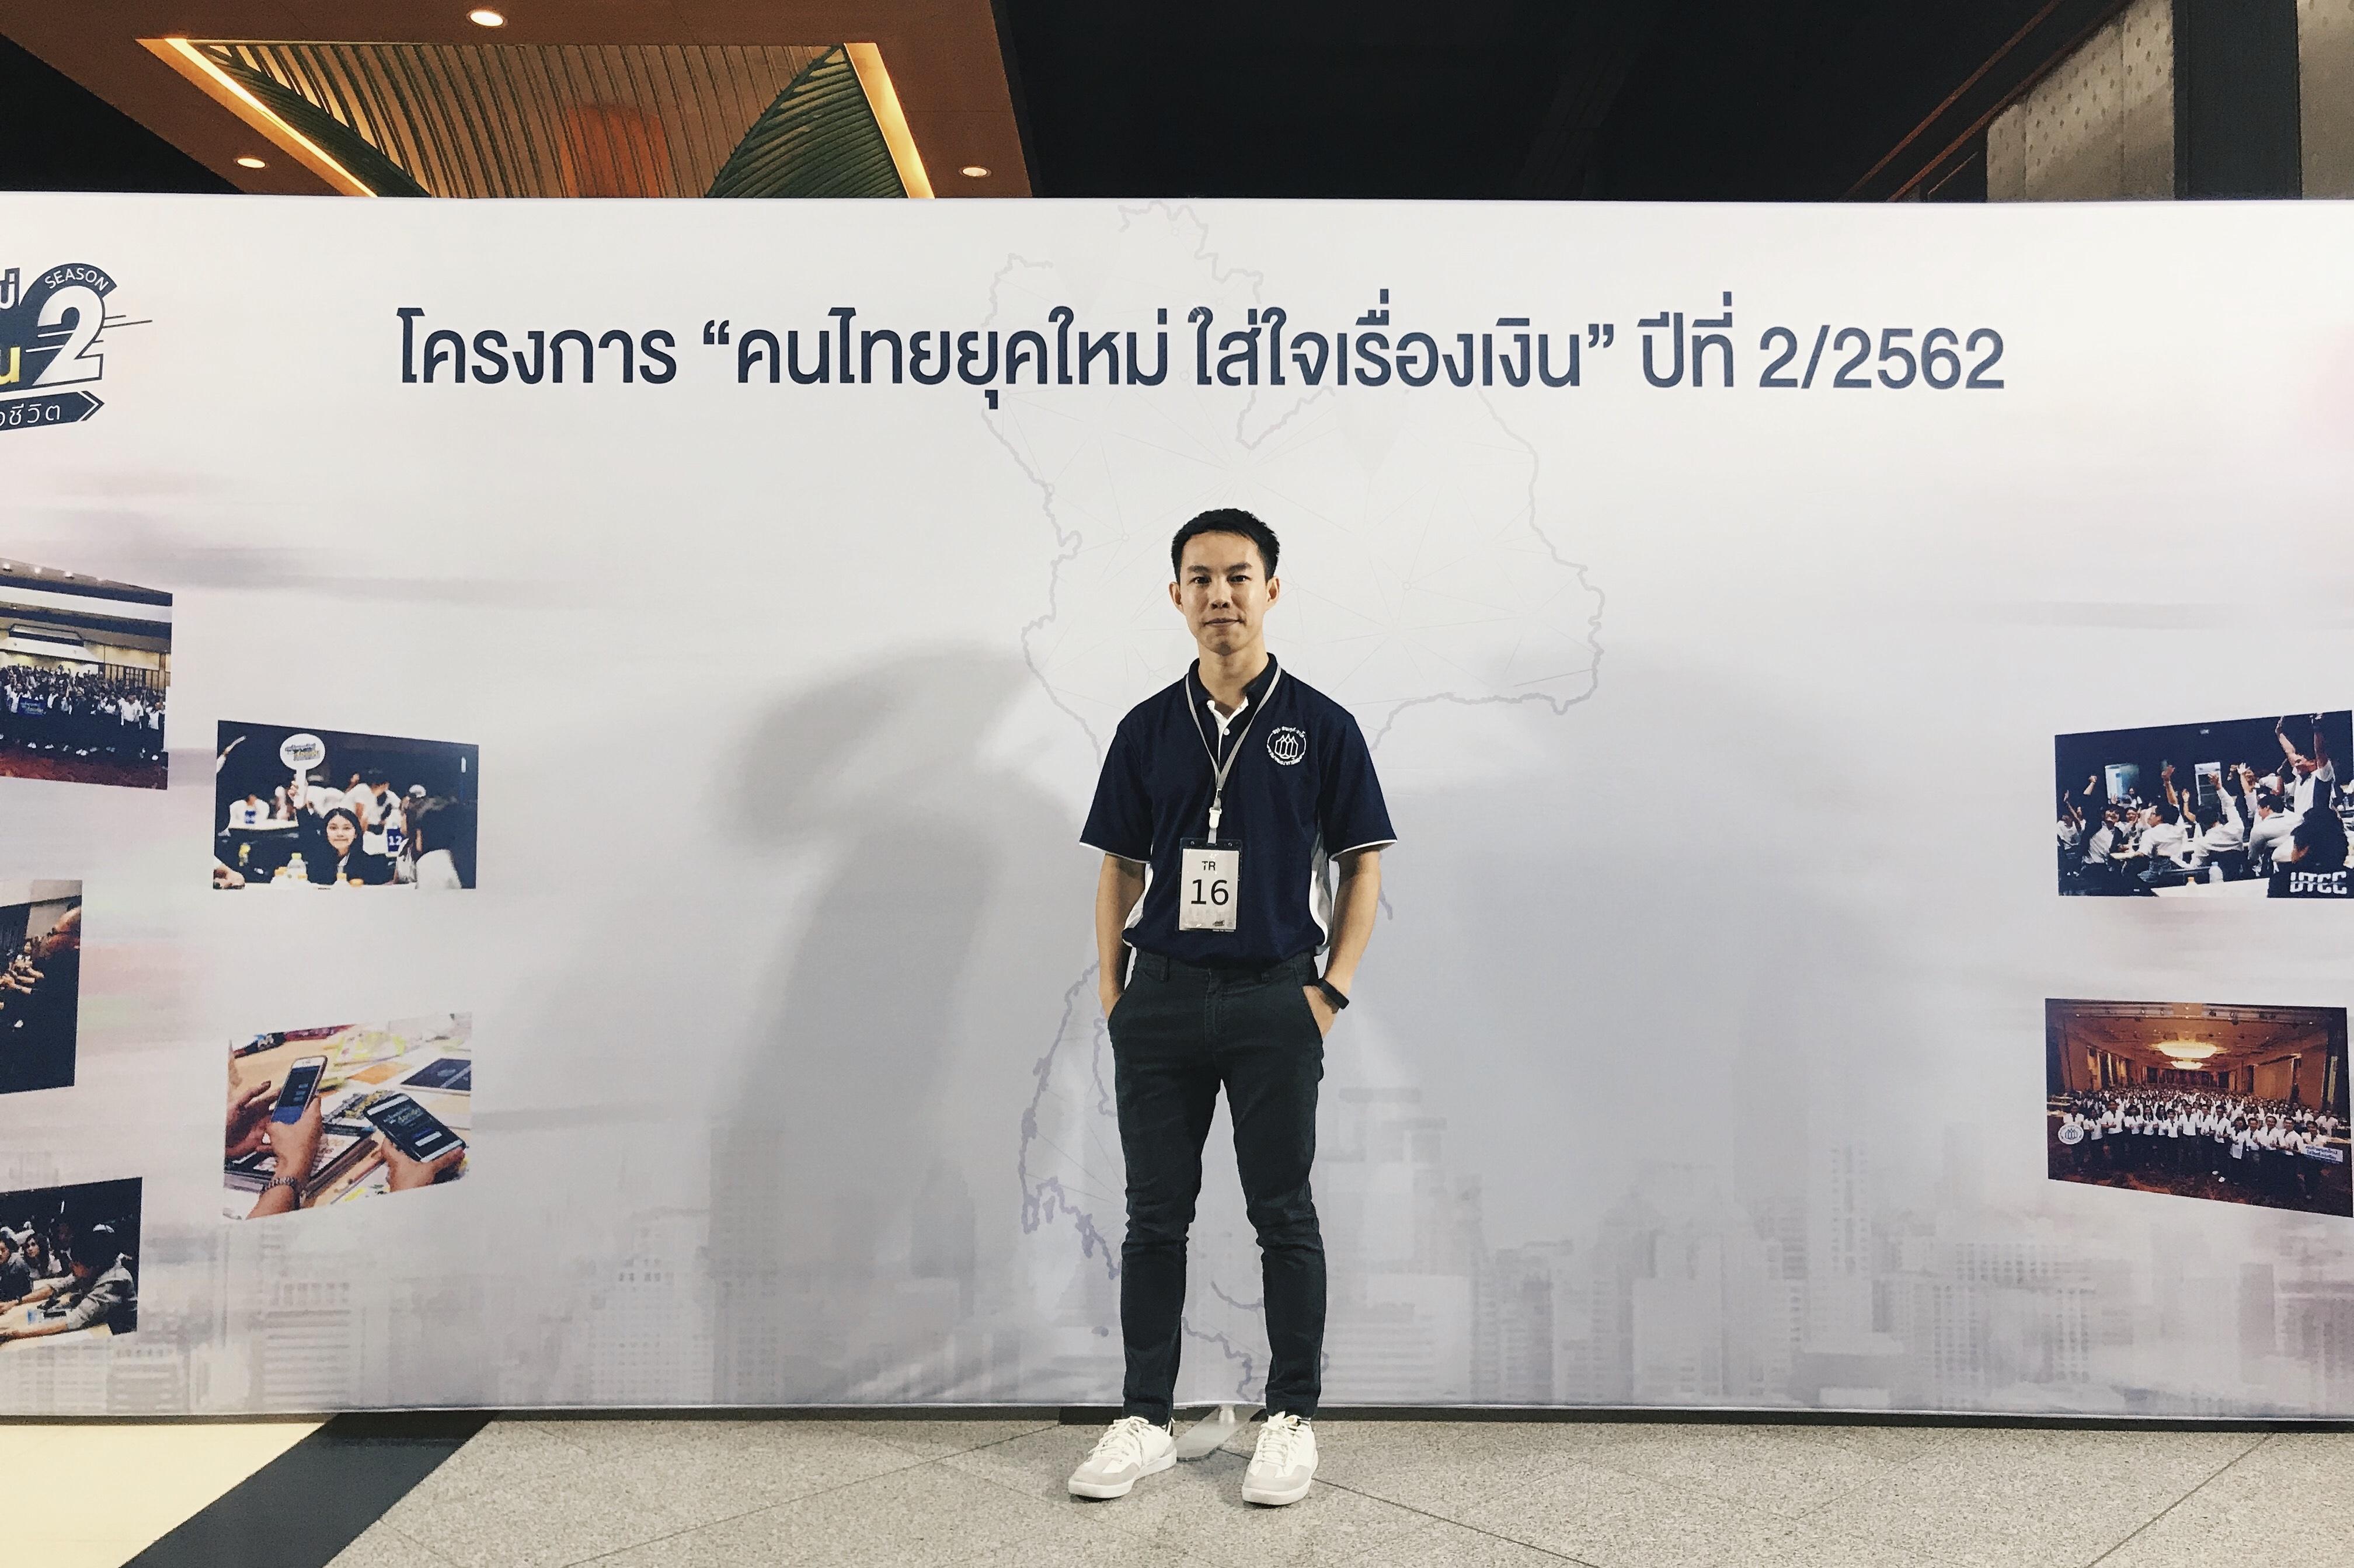 """อบรมโครงการ """"คนไทยยุคใหม่ ใส่ใจเรื่องเงิน"""" ปี 2"""